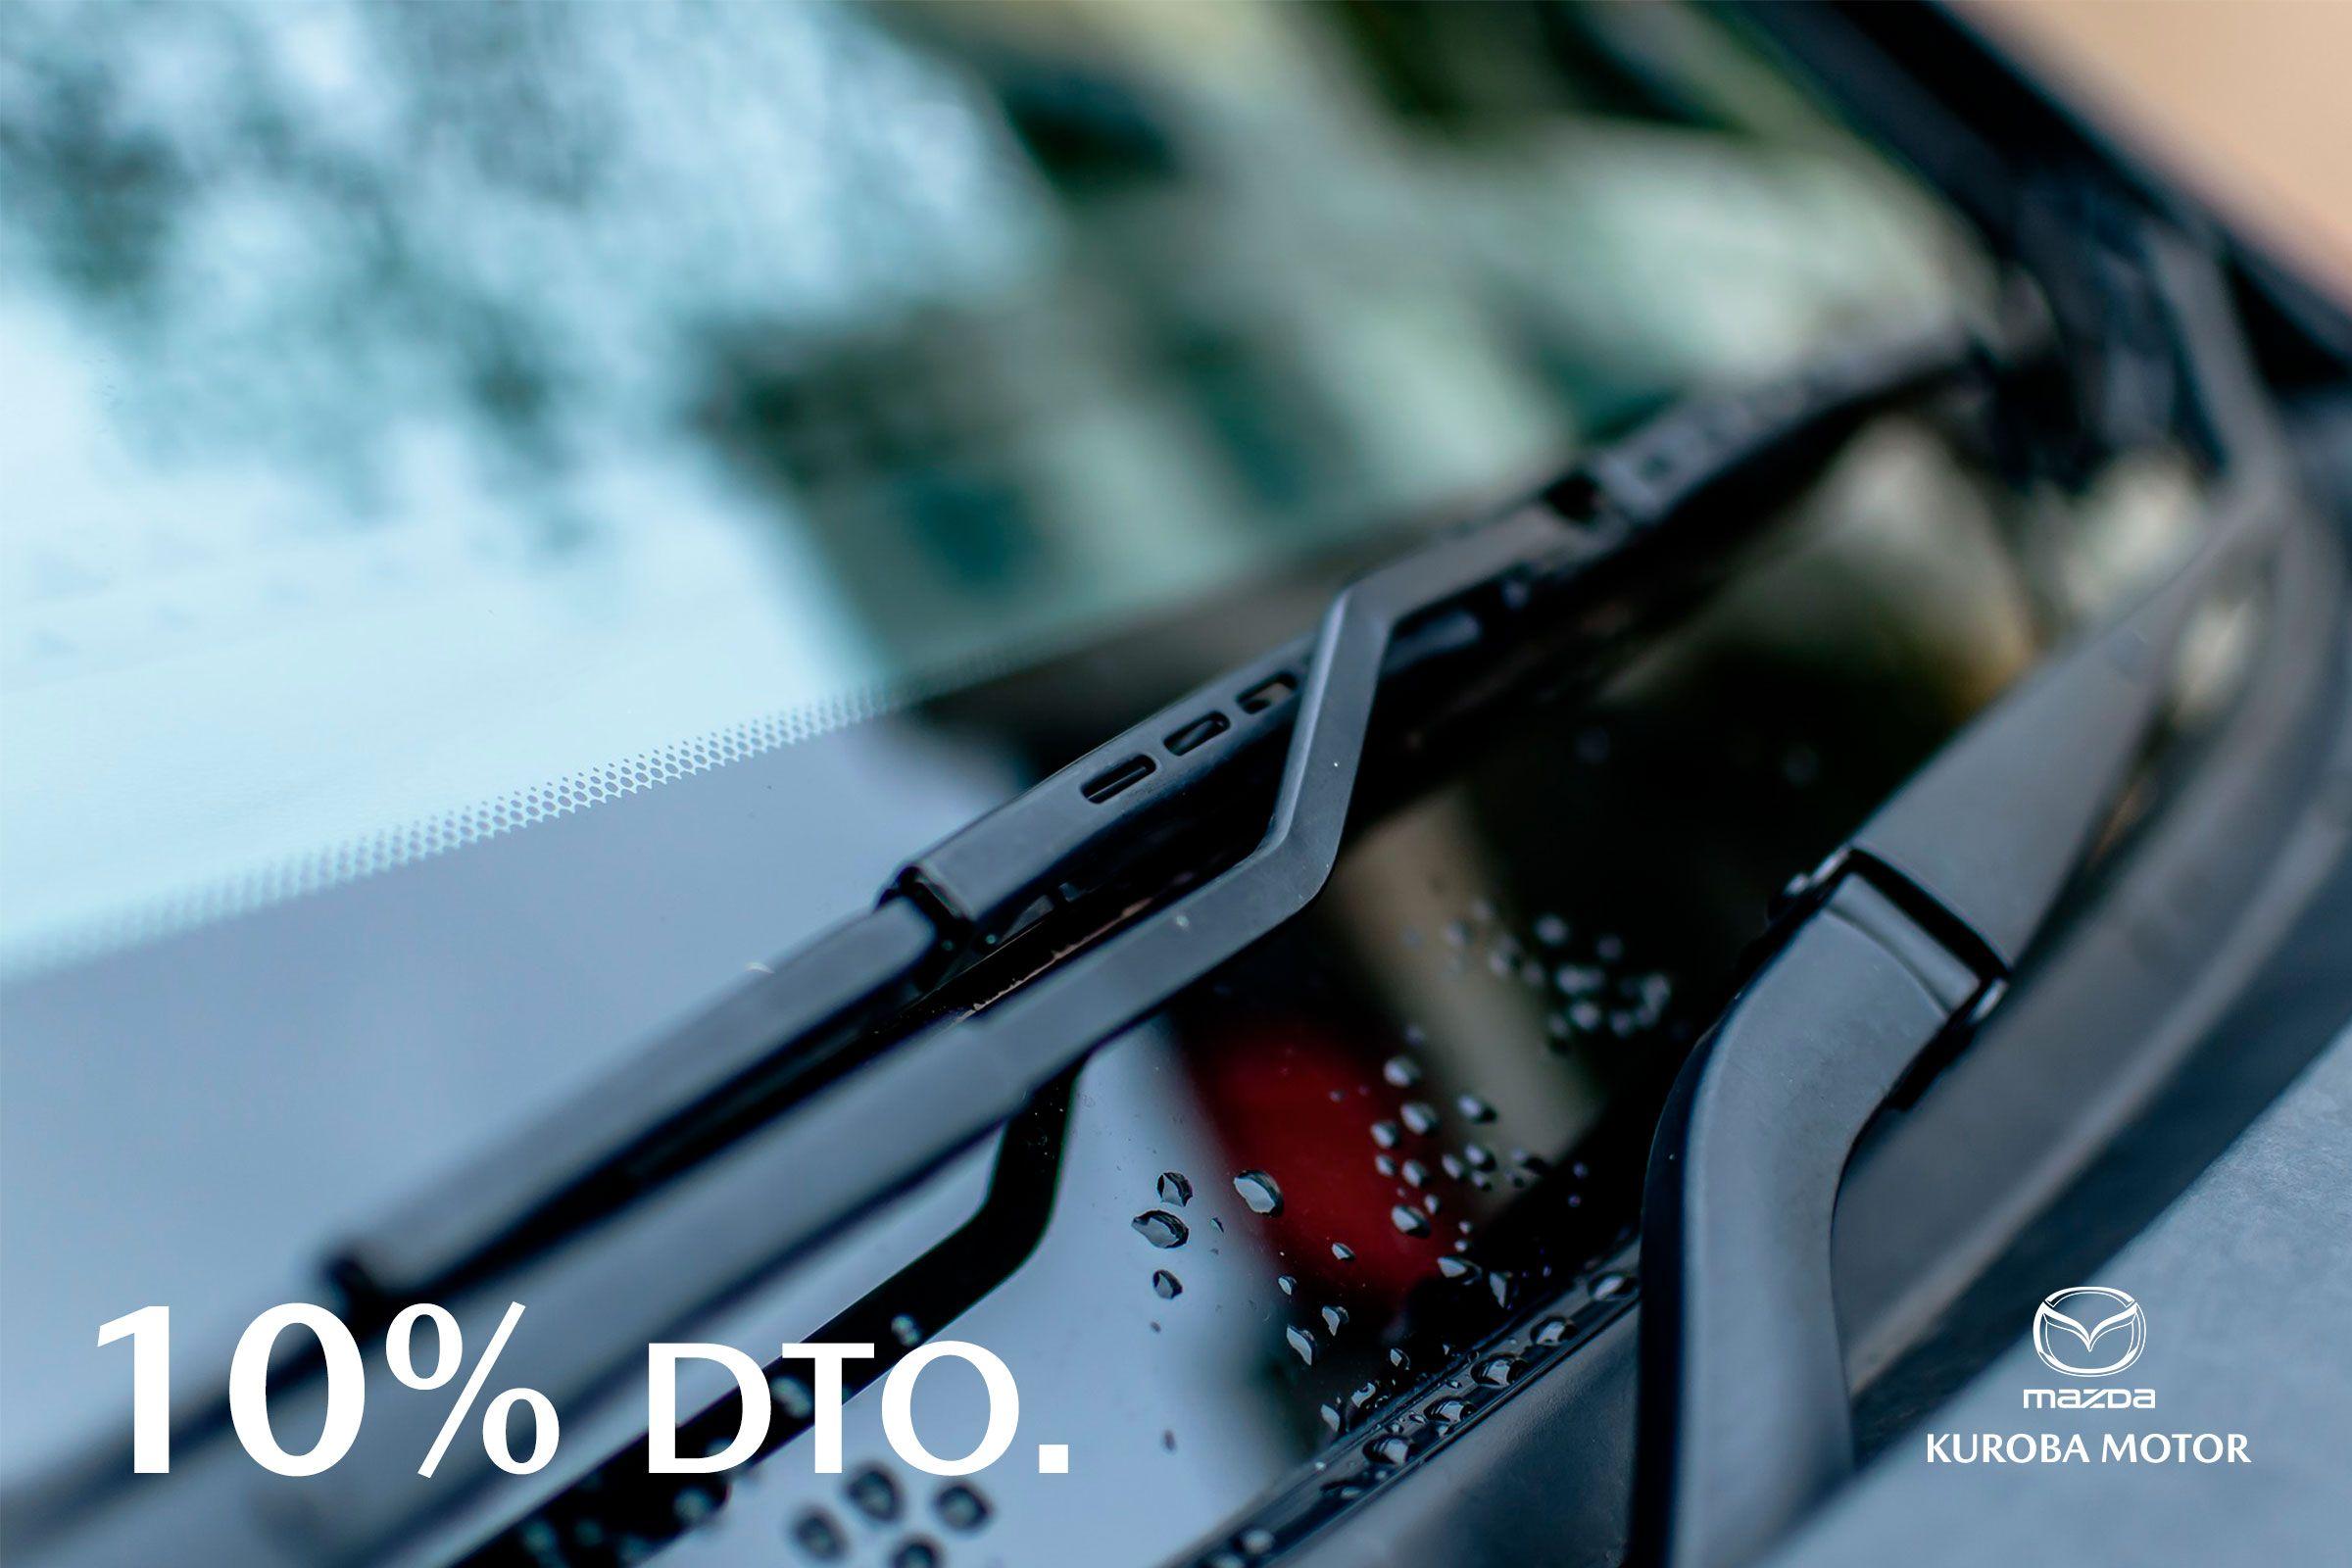 Obtenga un 10% de dto. al cambiar las escobillas de su vehiculo